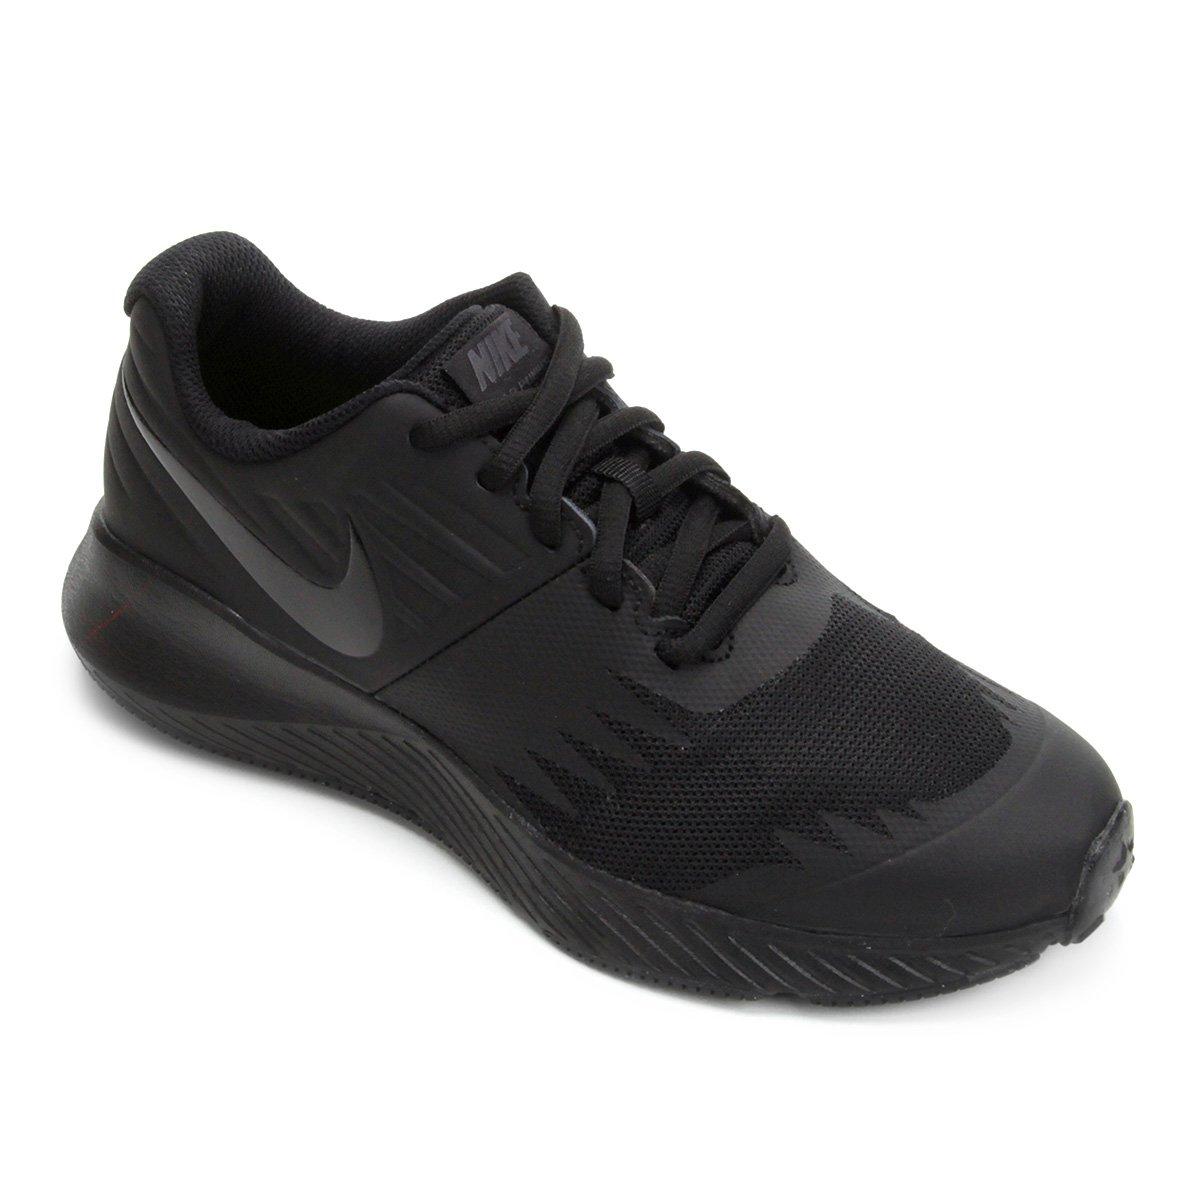 e4bf2787aefd2 Tênis Infantil Nike Star Runner GS